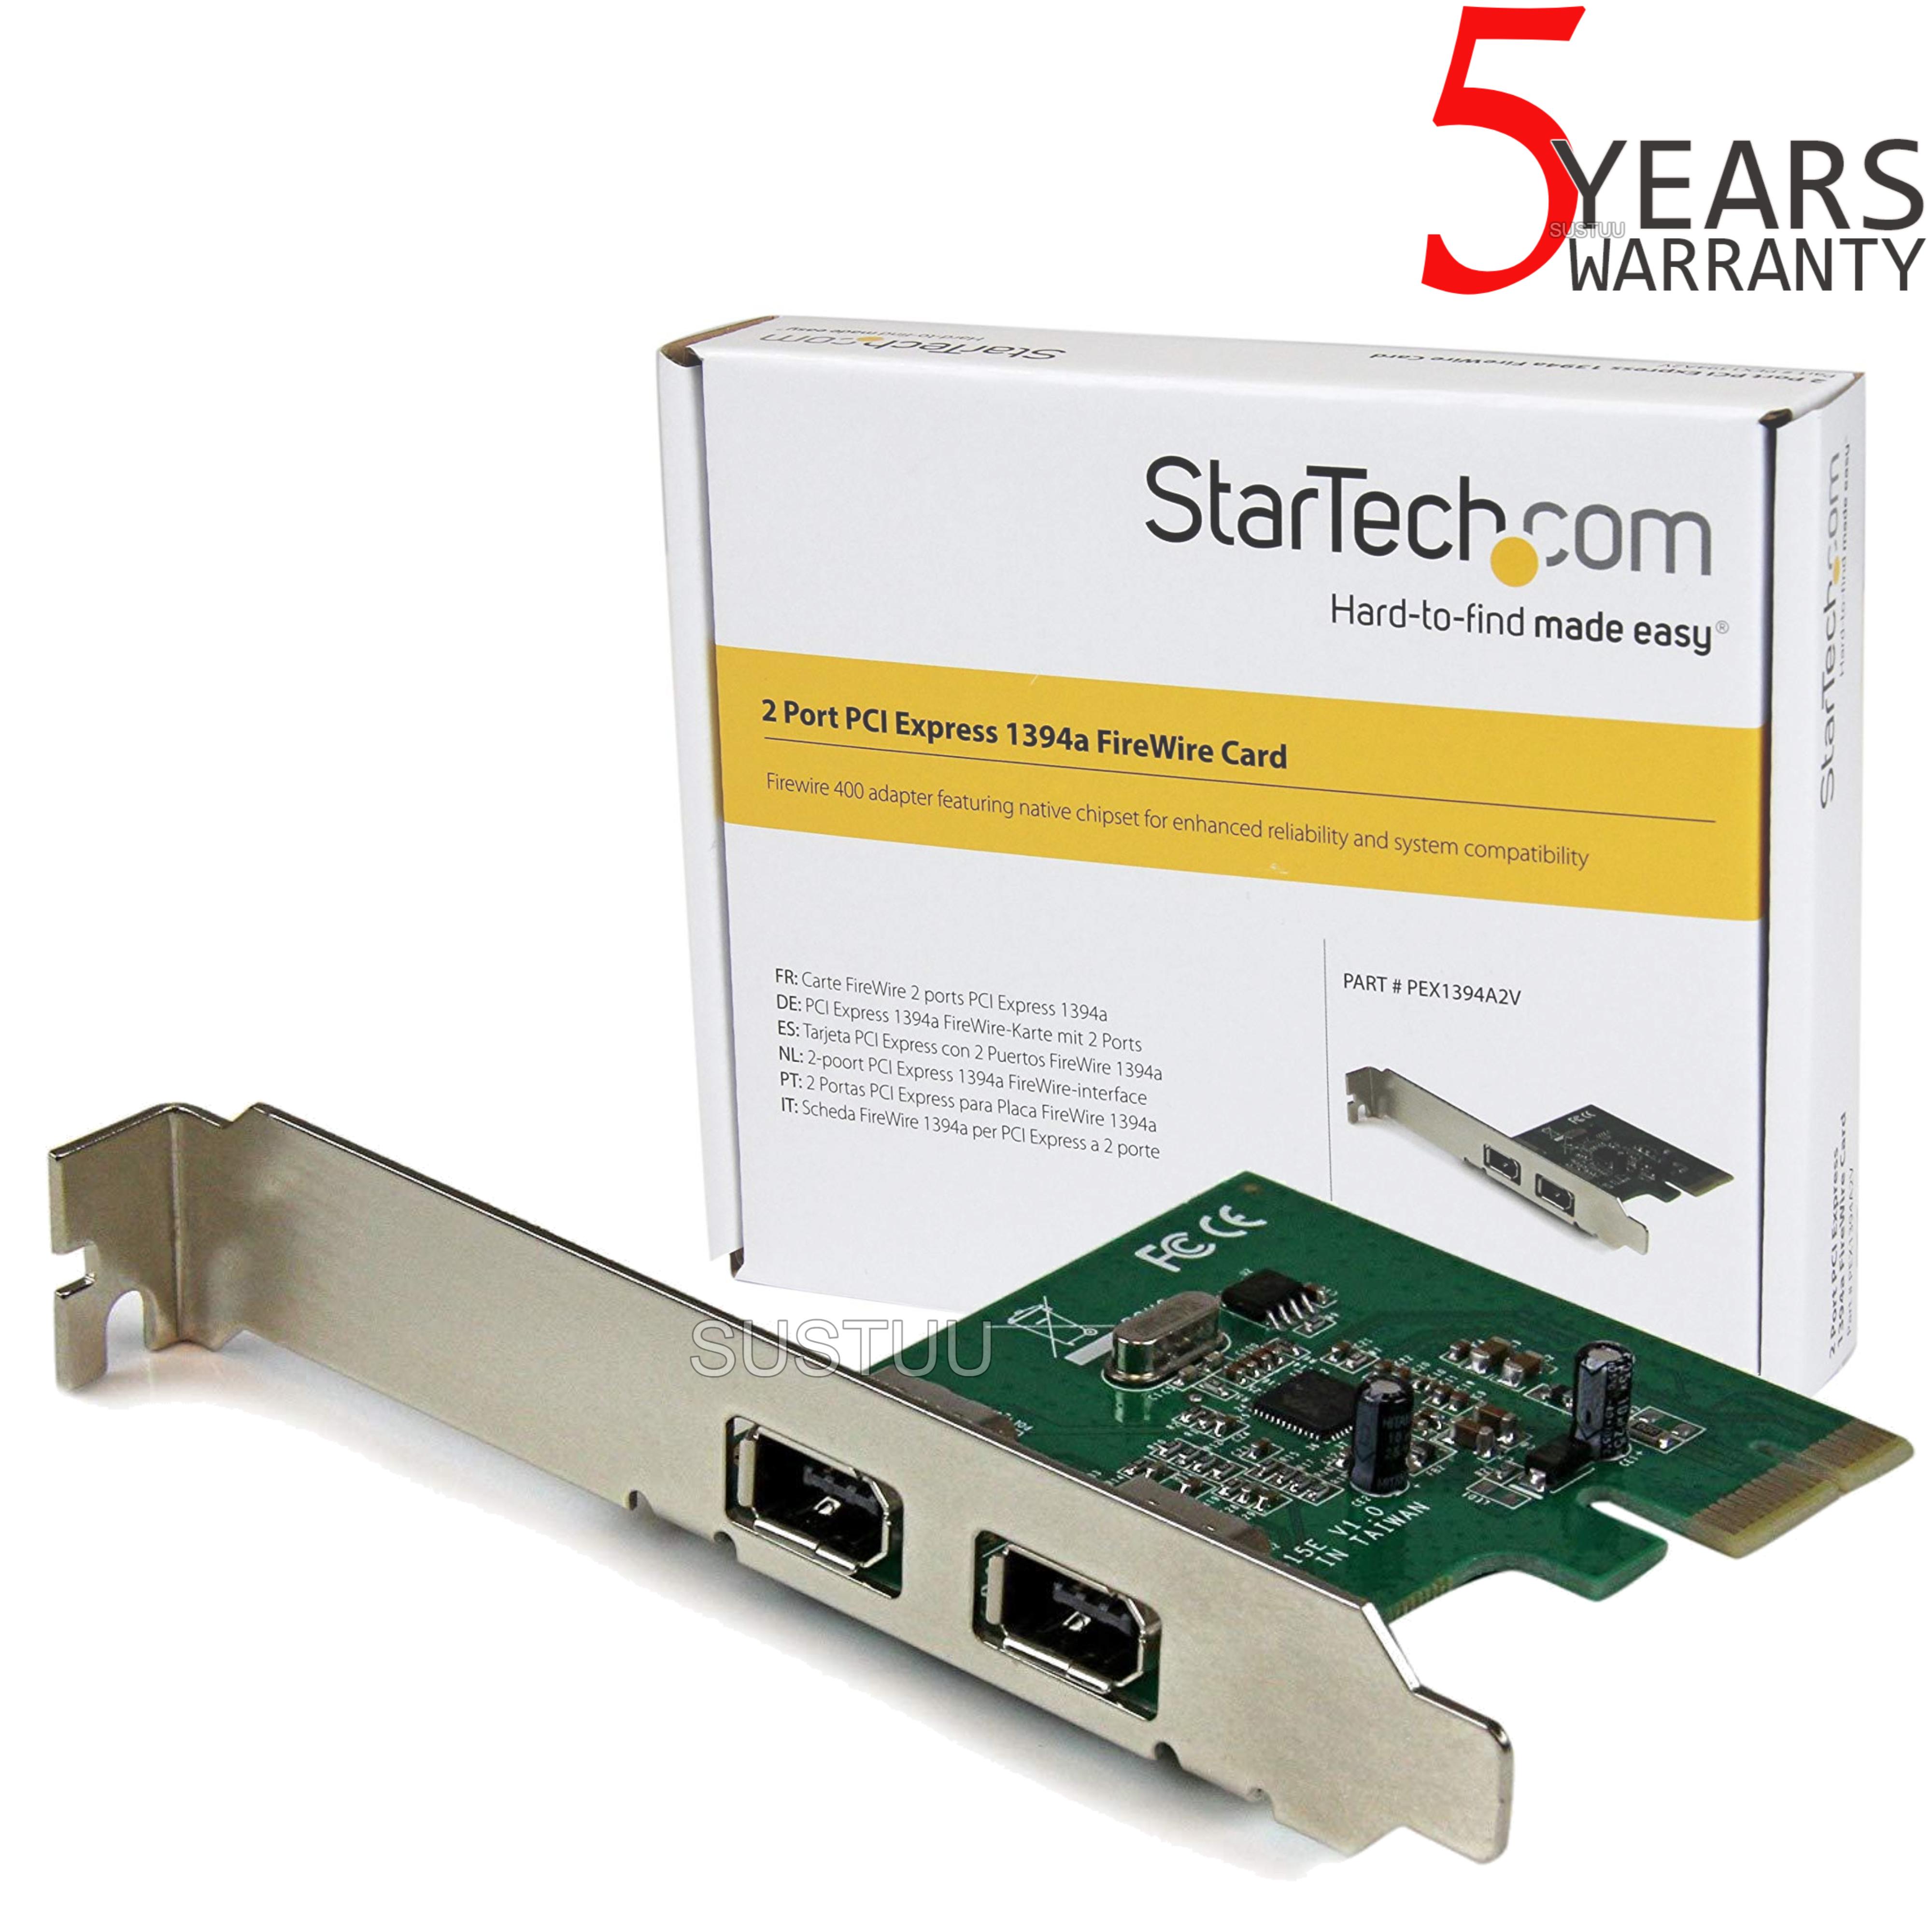 StarTech.com 2 Port 1394a PCI Express FireWire Adapter | Plug & Play | PEX1394A2V